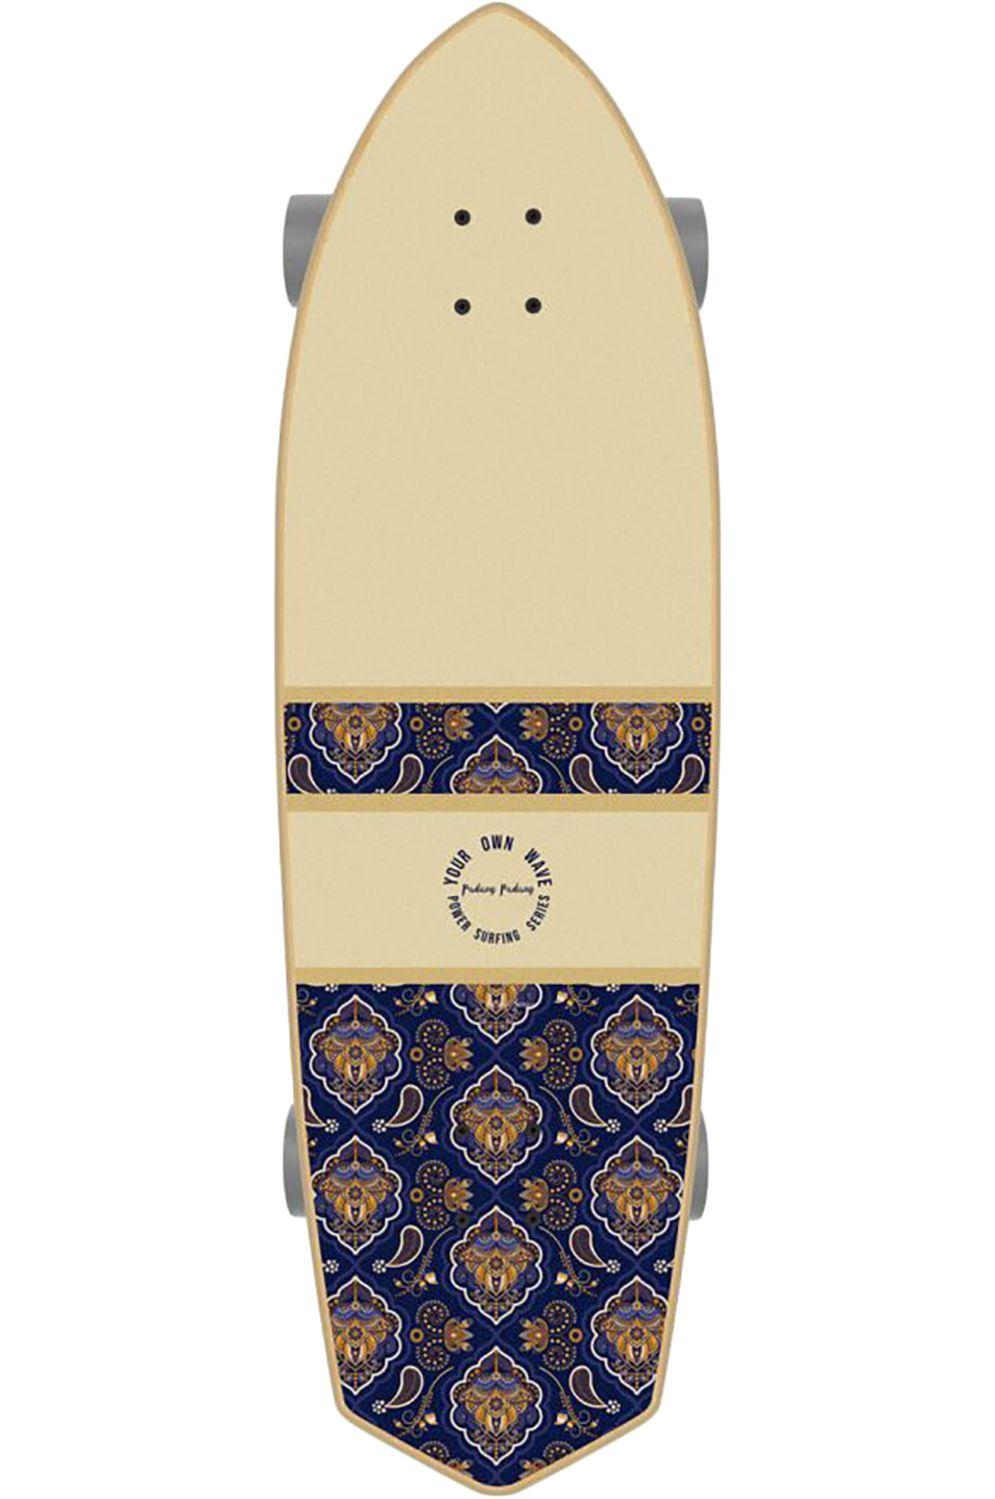 Surf Skate Yow PADANG PADANG 34